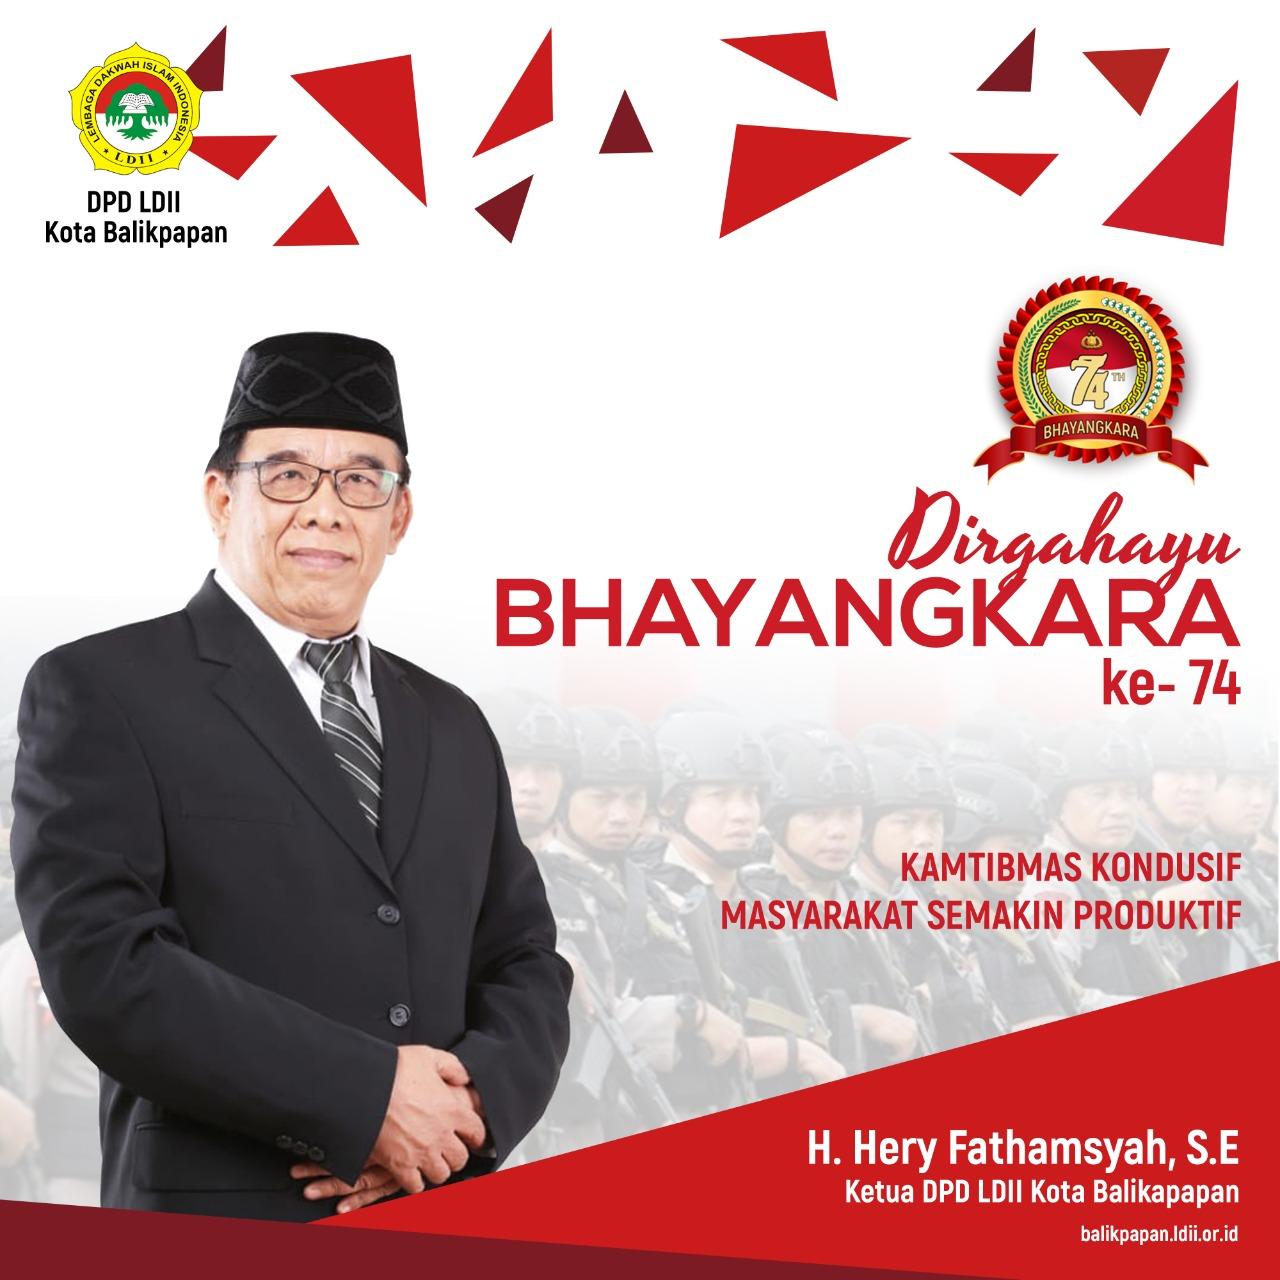 H Herry Fathamsyah Ketua LDII Balikpapan mengucapkan selamat Hari Bhayangkara 1 Juli 2020, Kamtibmas Kondusif Masyarakat Produktif.